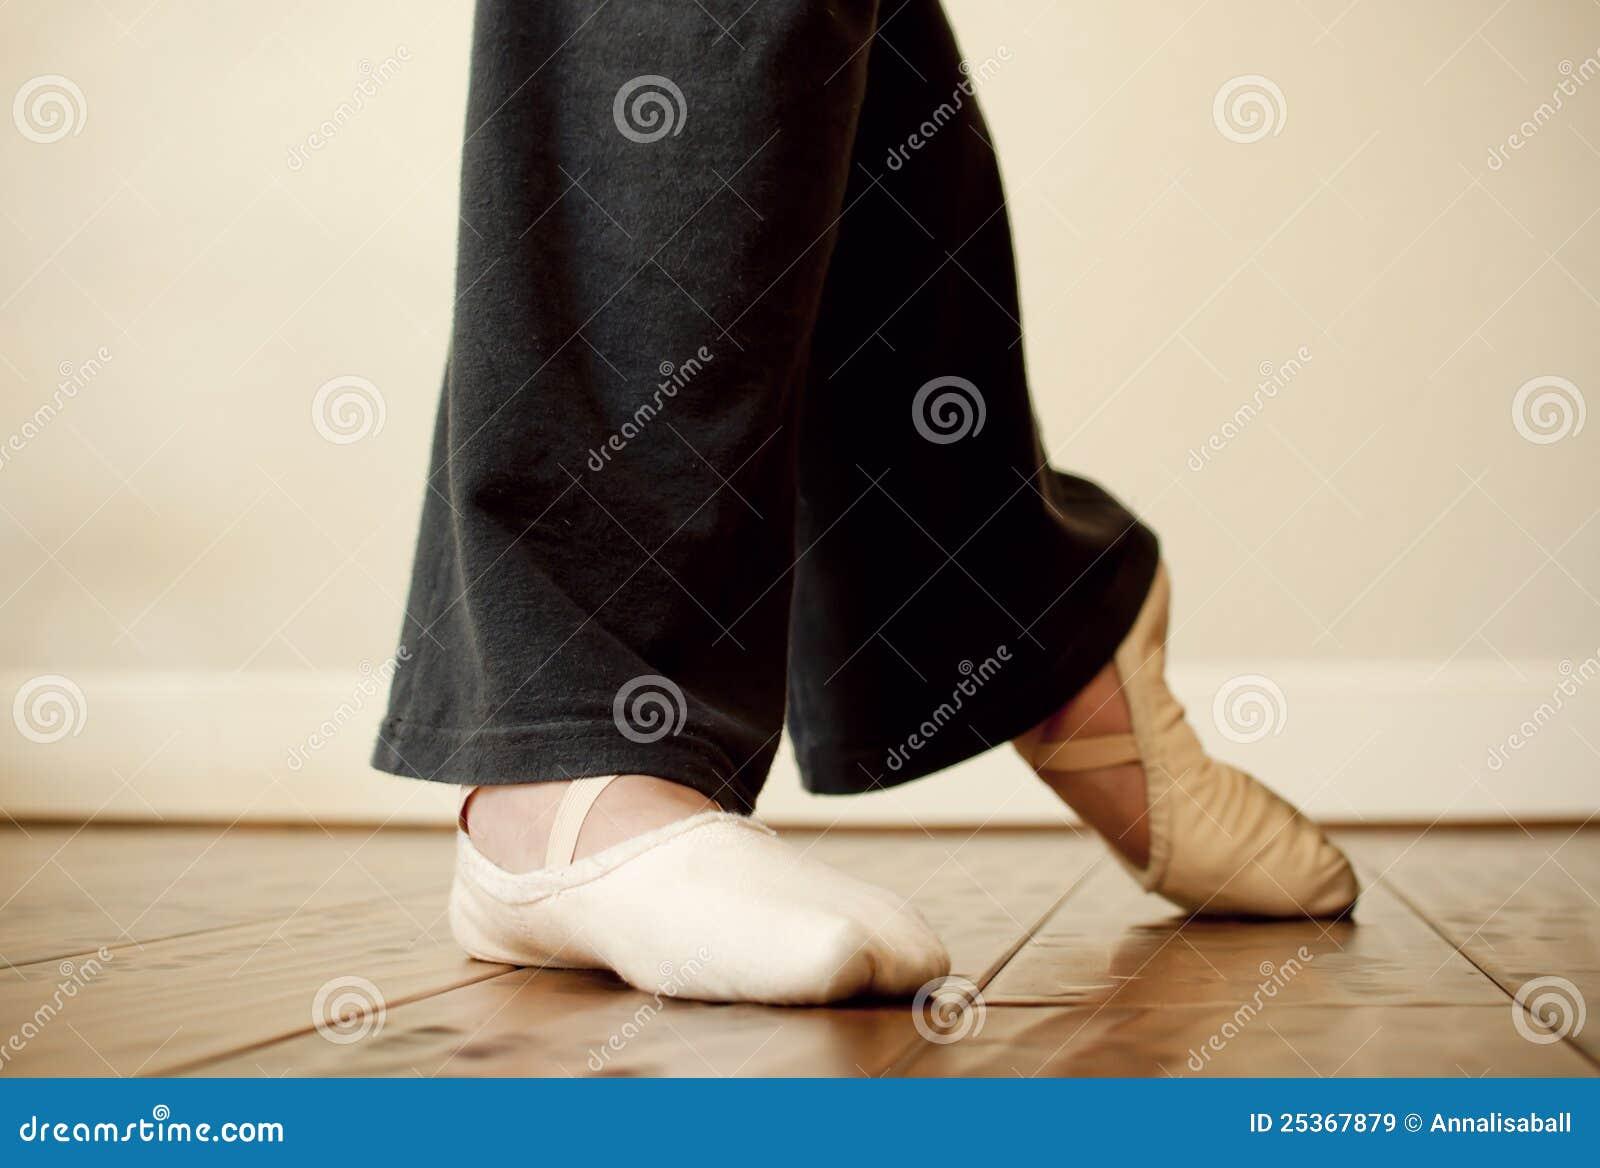 Ballerina s feet during practice